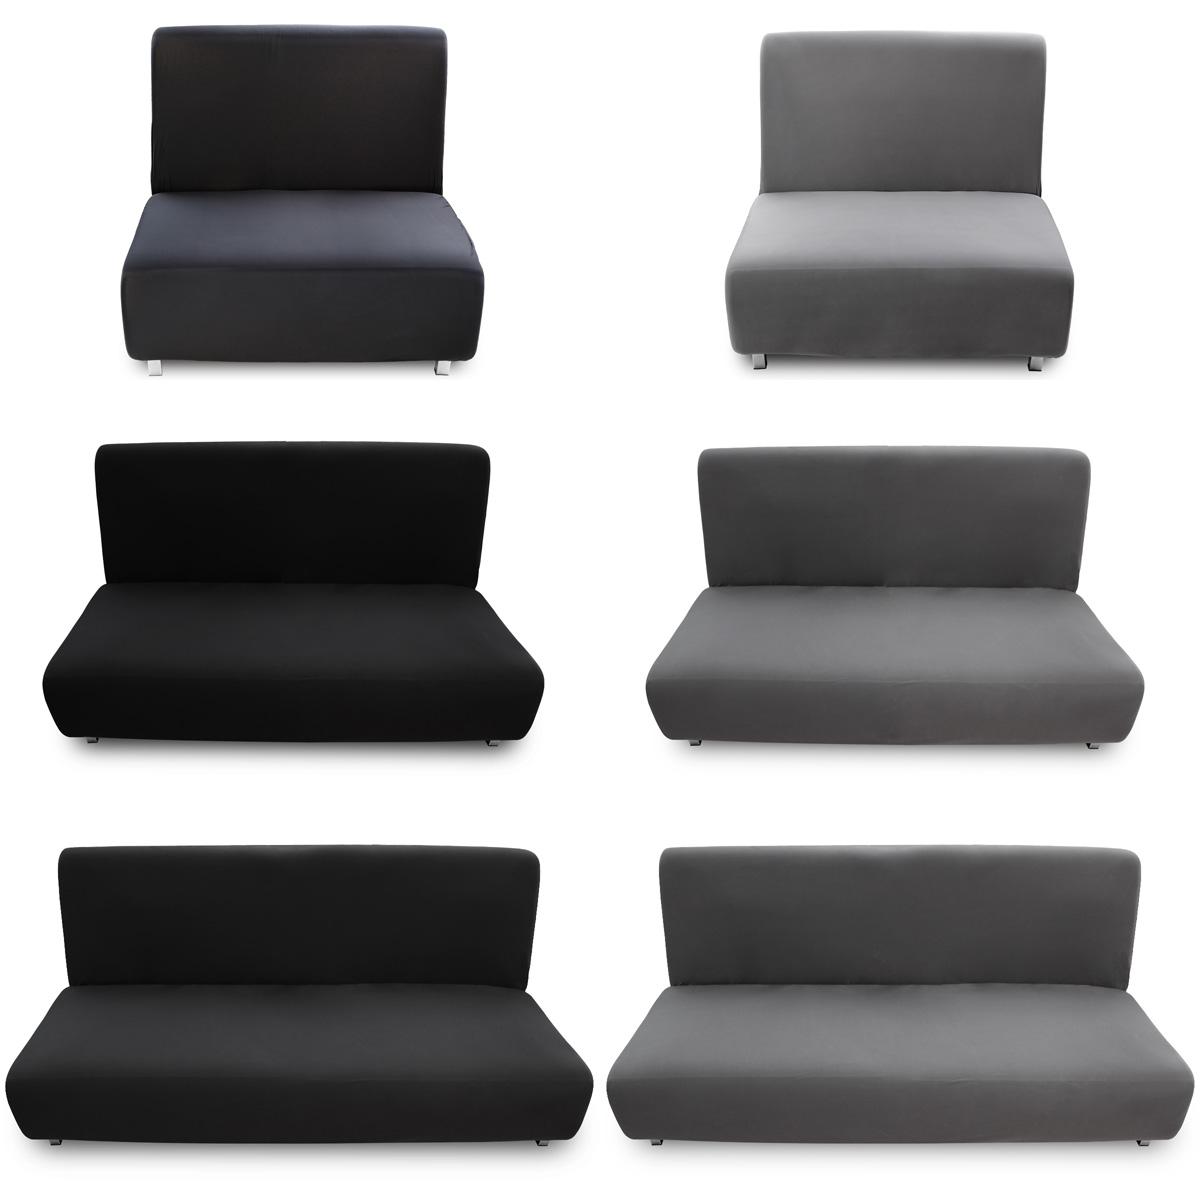 Fundas de sof elastica ajustable para sof s cama clic - Fundas de sofa gris ...